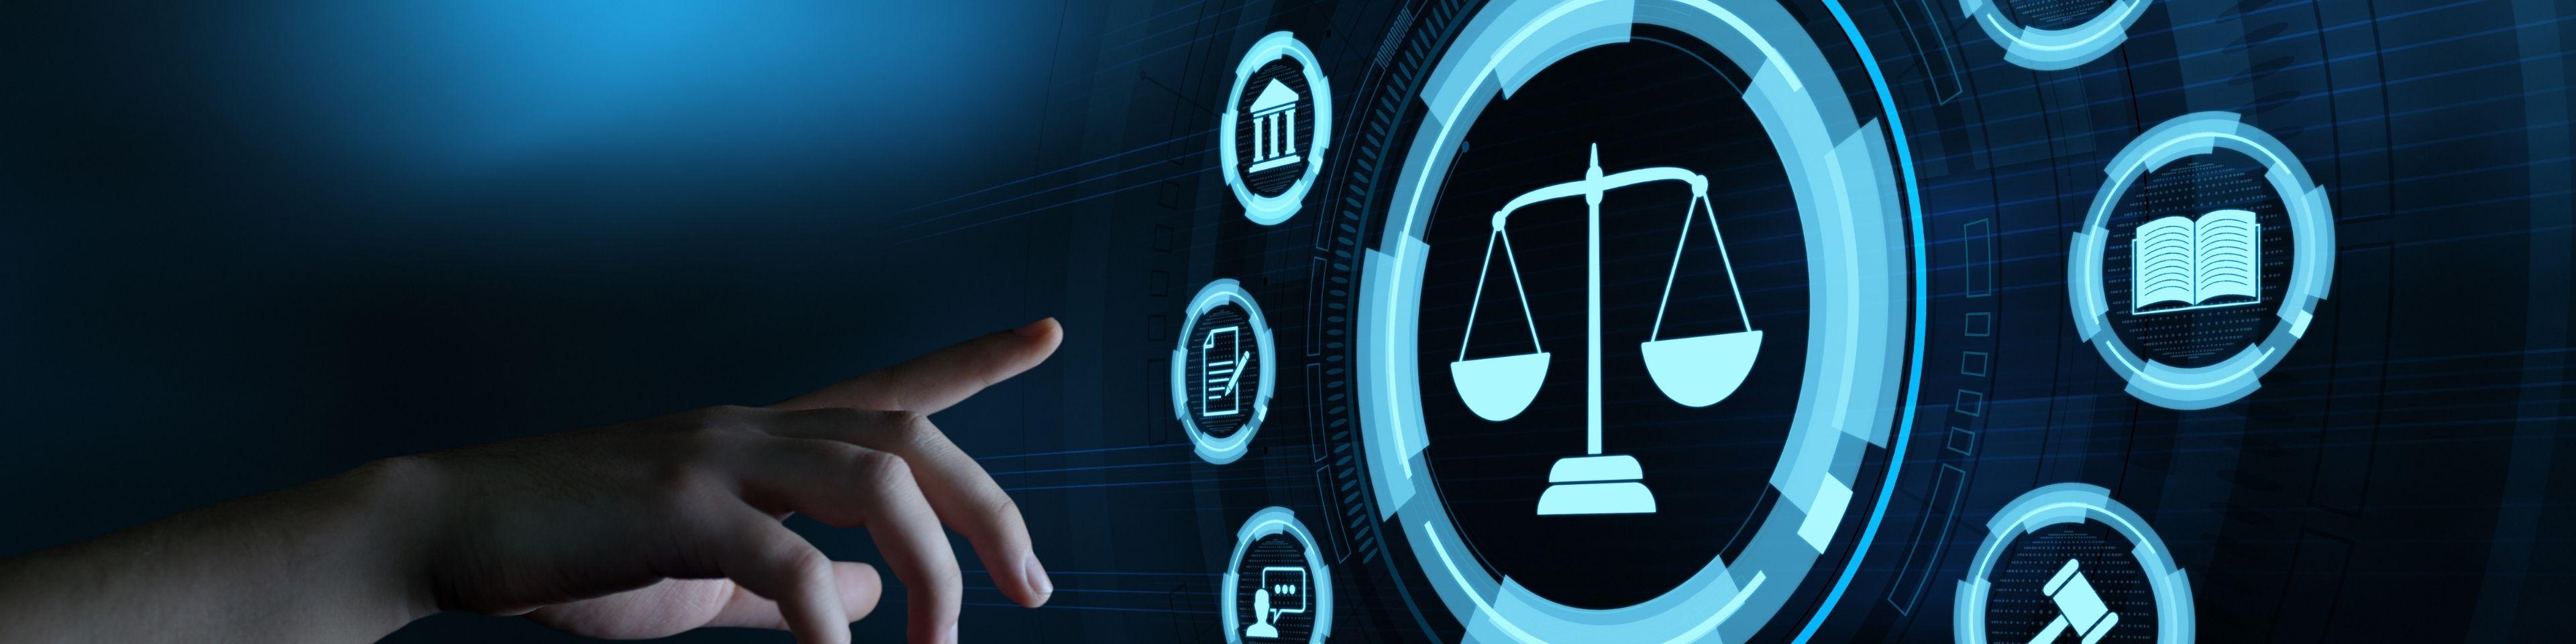 digitale rechtspraak